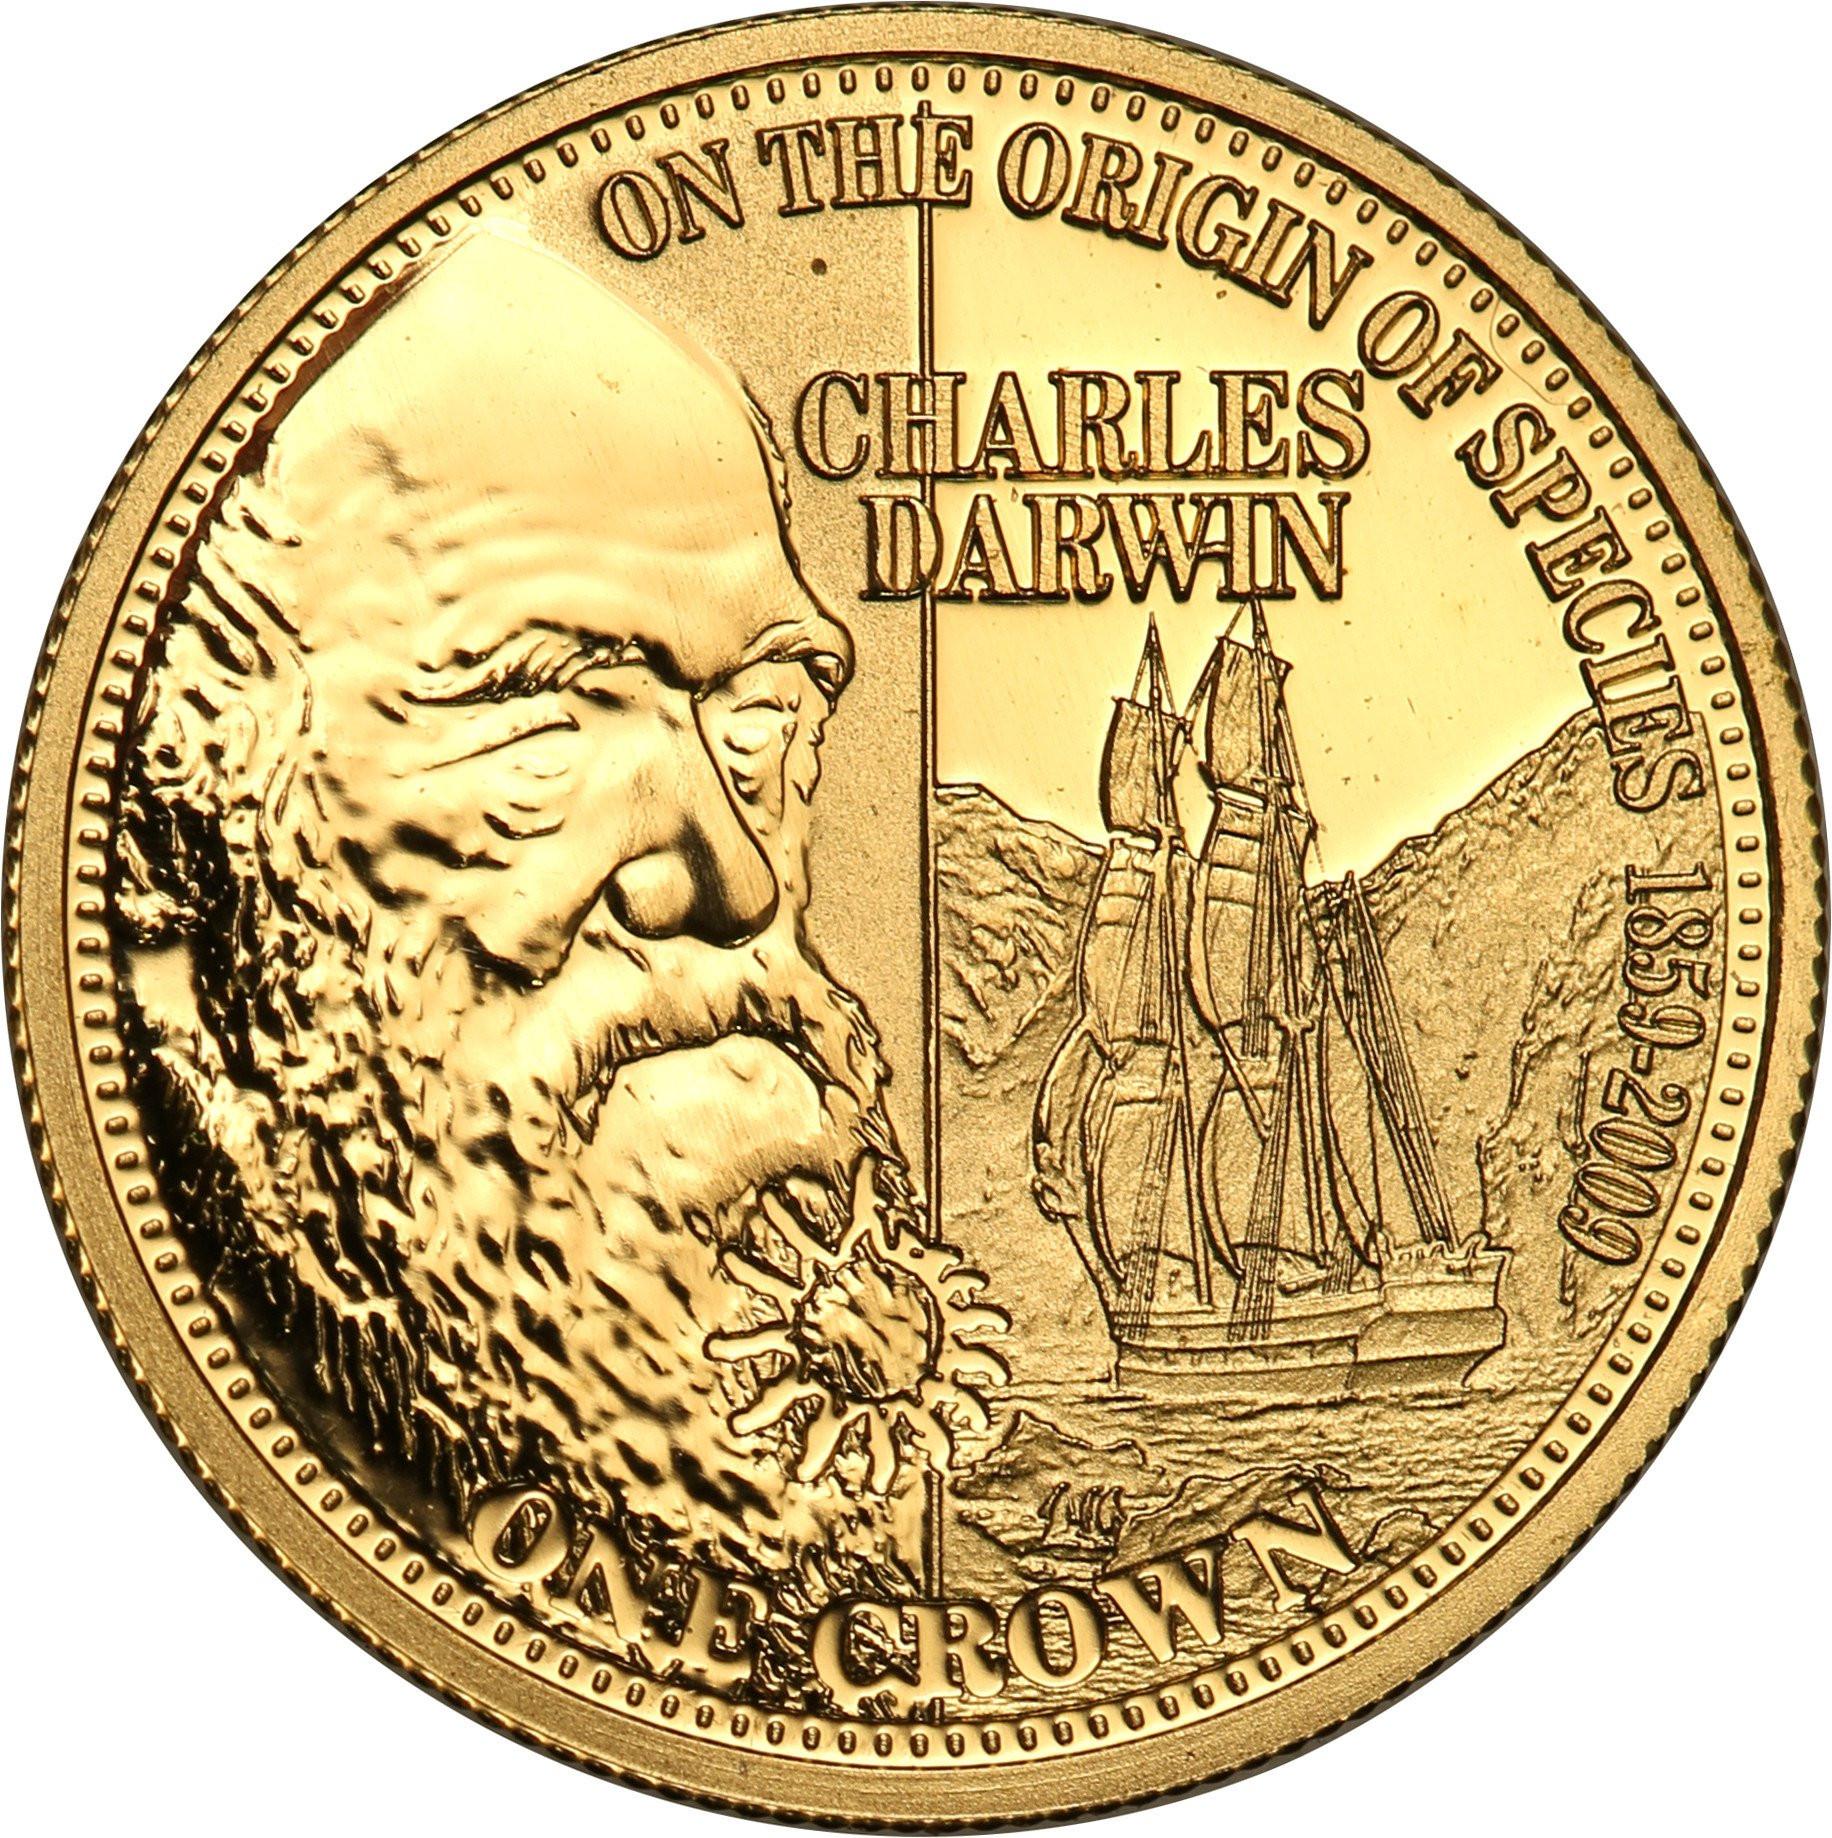 Tristan da Cunha 1 korona 2009 Charles Darwin